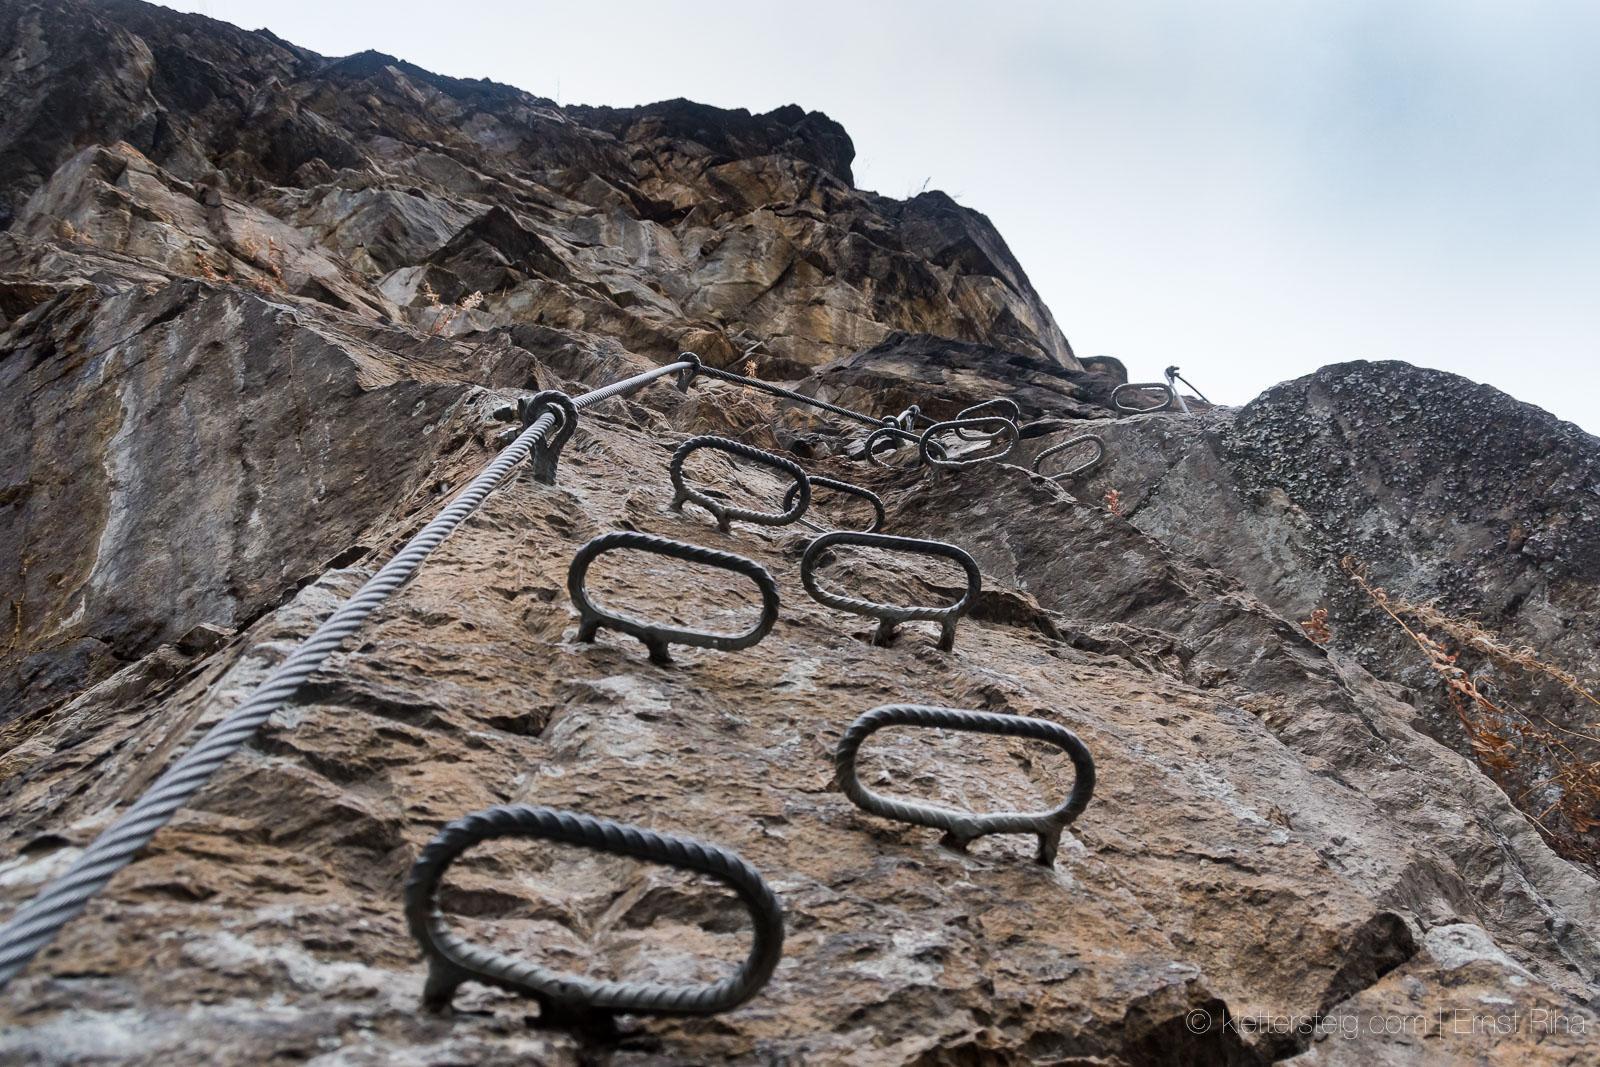 Klettersteig Stuibenfall : Jänner stuibenfall klettersteig klettersteige